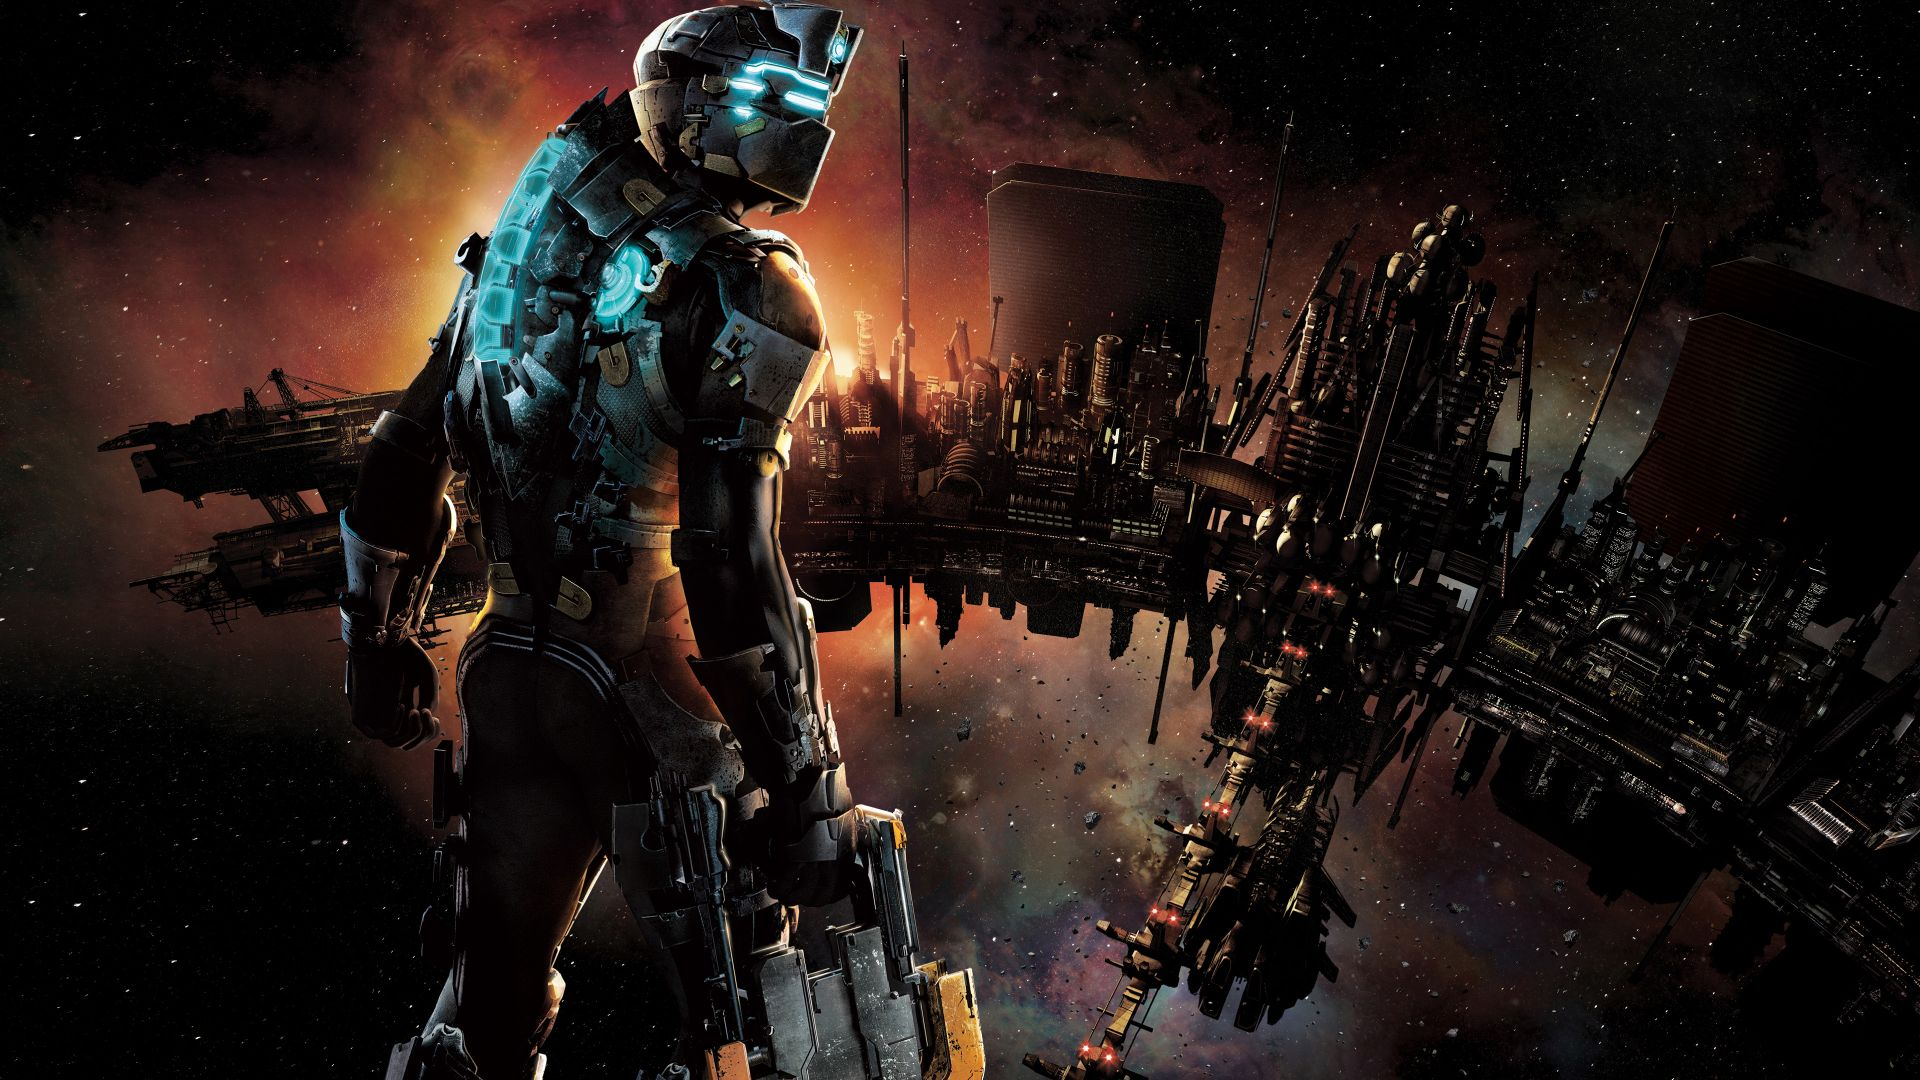 Estas son las ideas que tenía Visceral Games para Dead Space 4